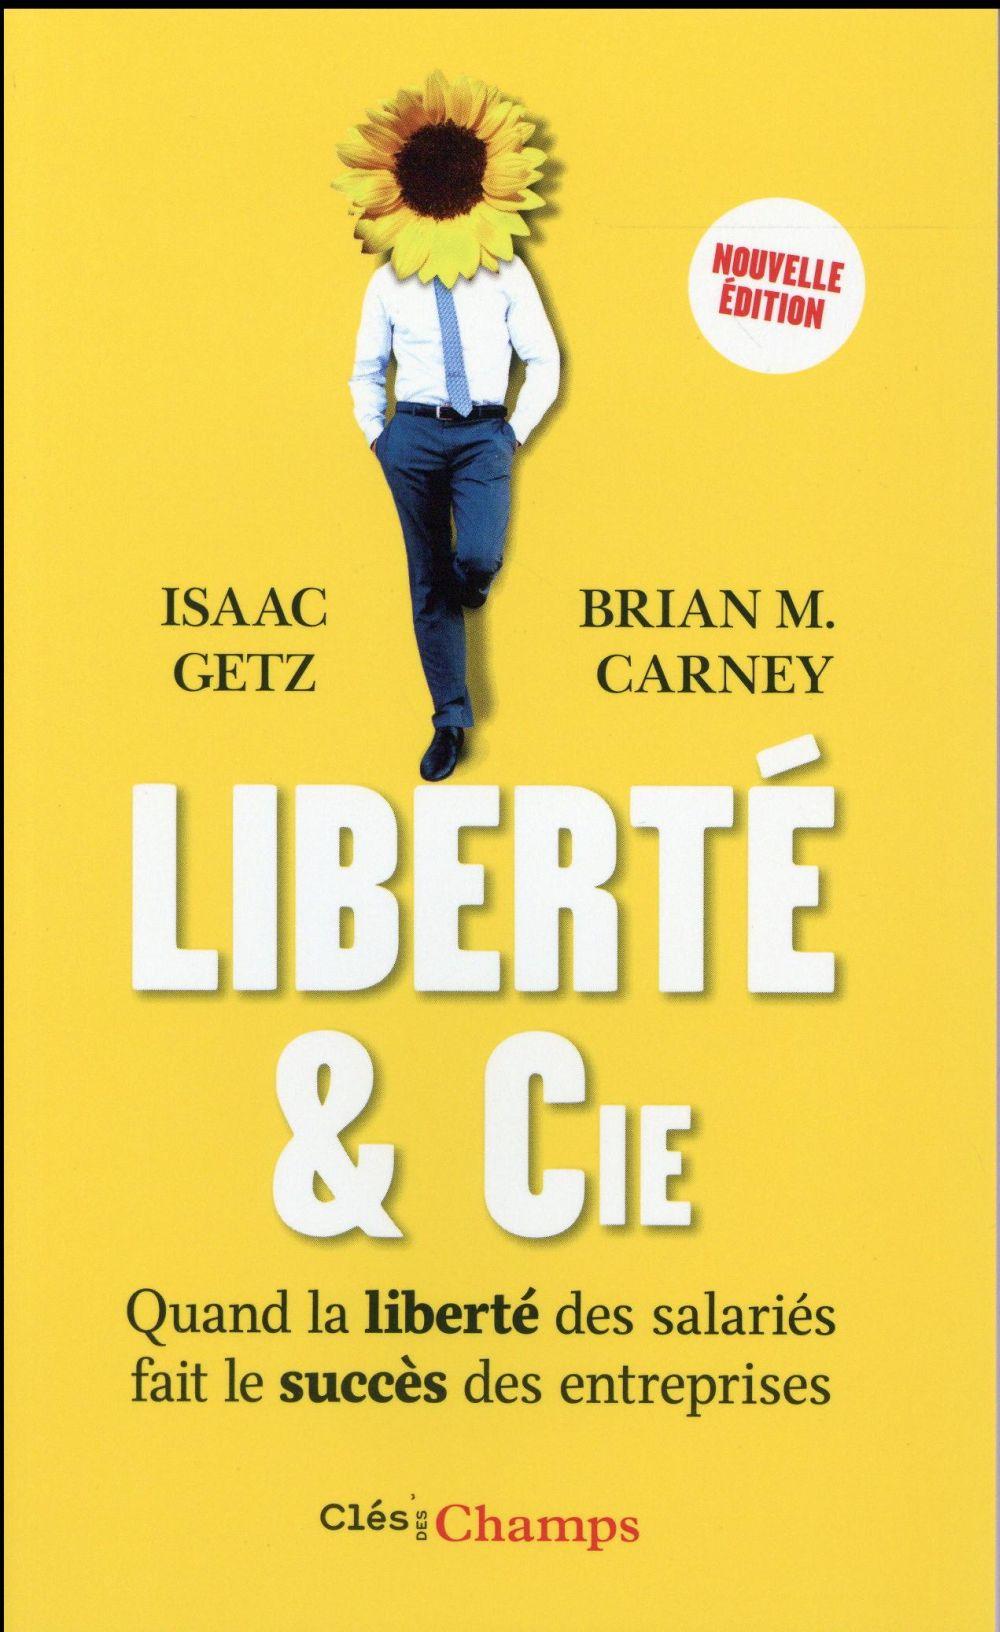 LIBERTE & CIE - QUAND LA LIBERTE DES SALARIES FAIT LE SUCCES DES ENTREPRISES CARNEY, BRIAN / GETZ, ISAAC Flammarion